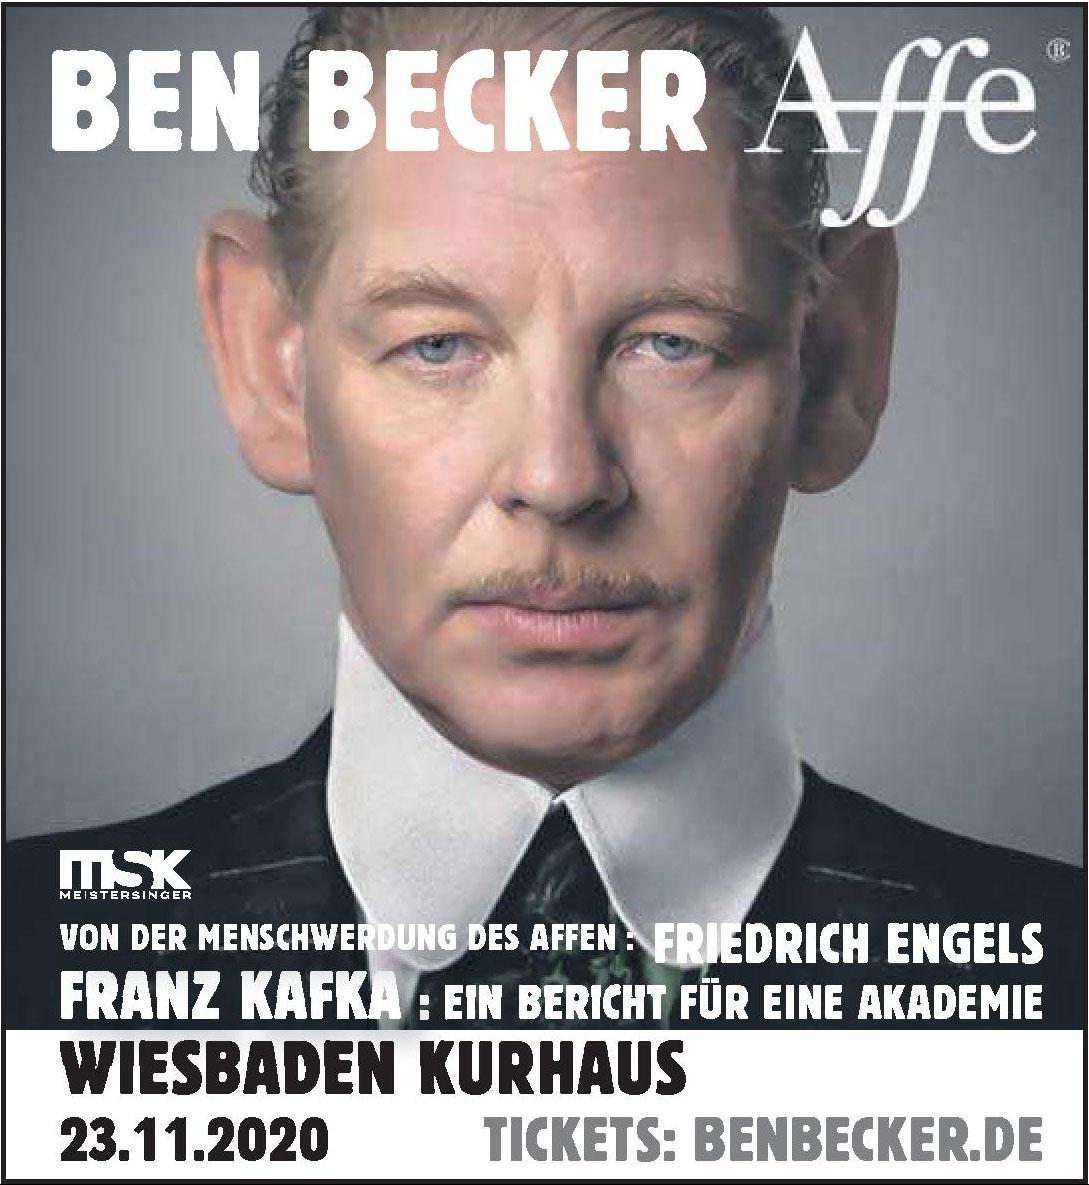 Ben Becker Affe